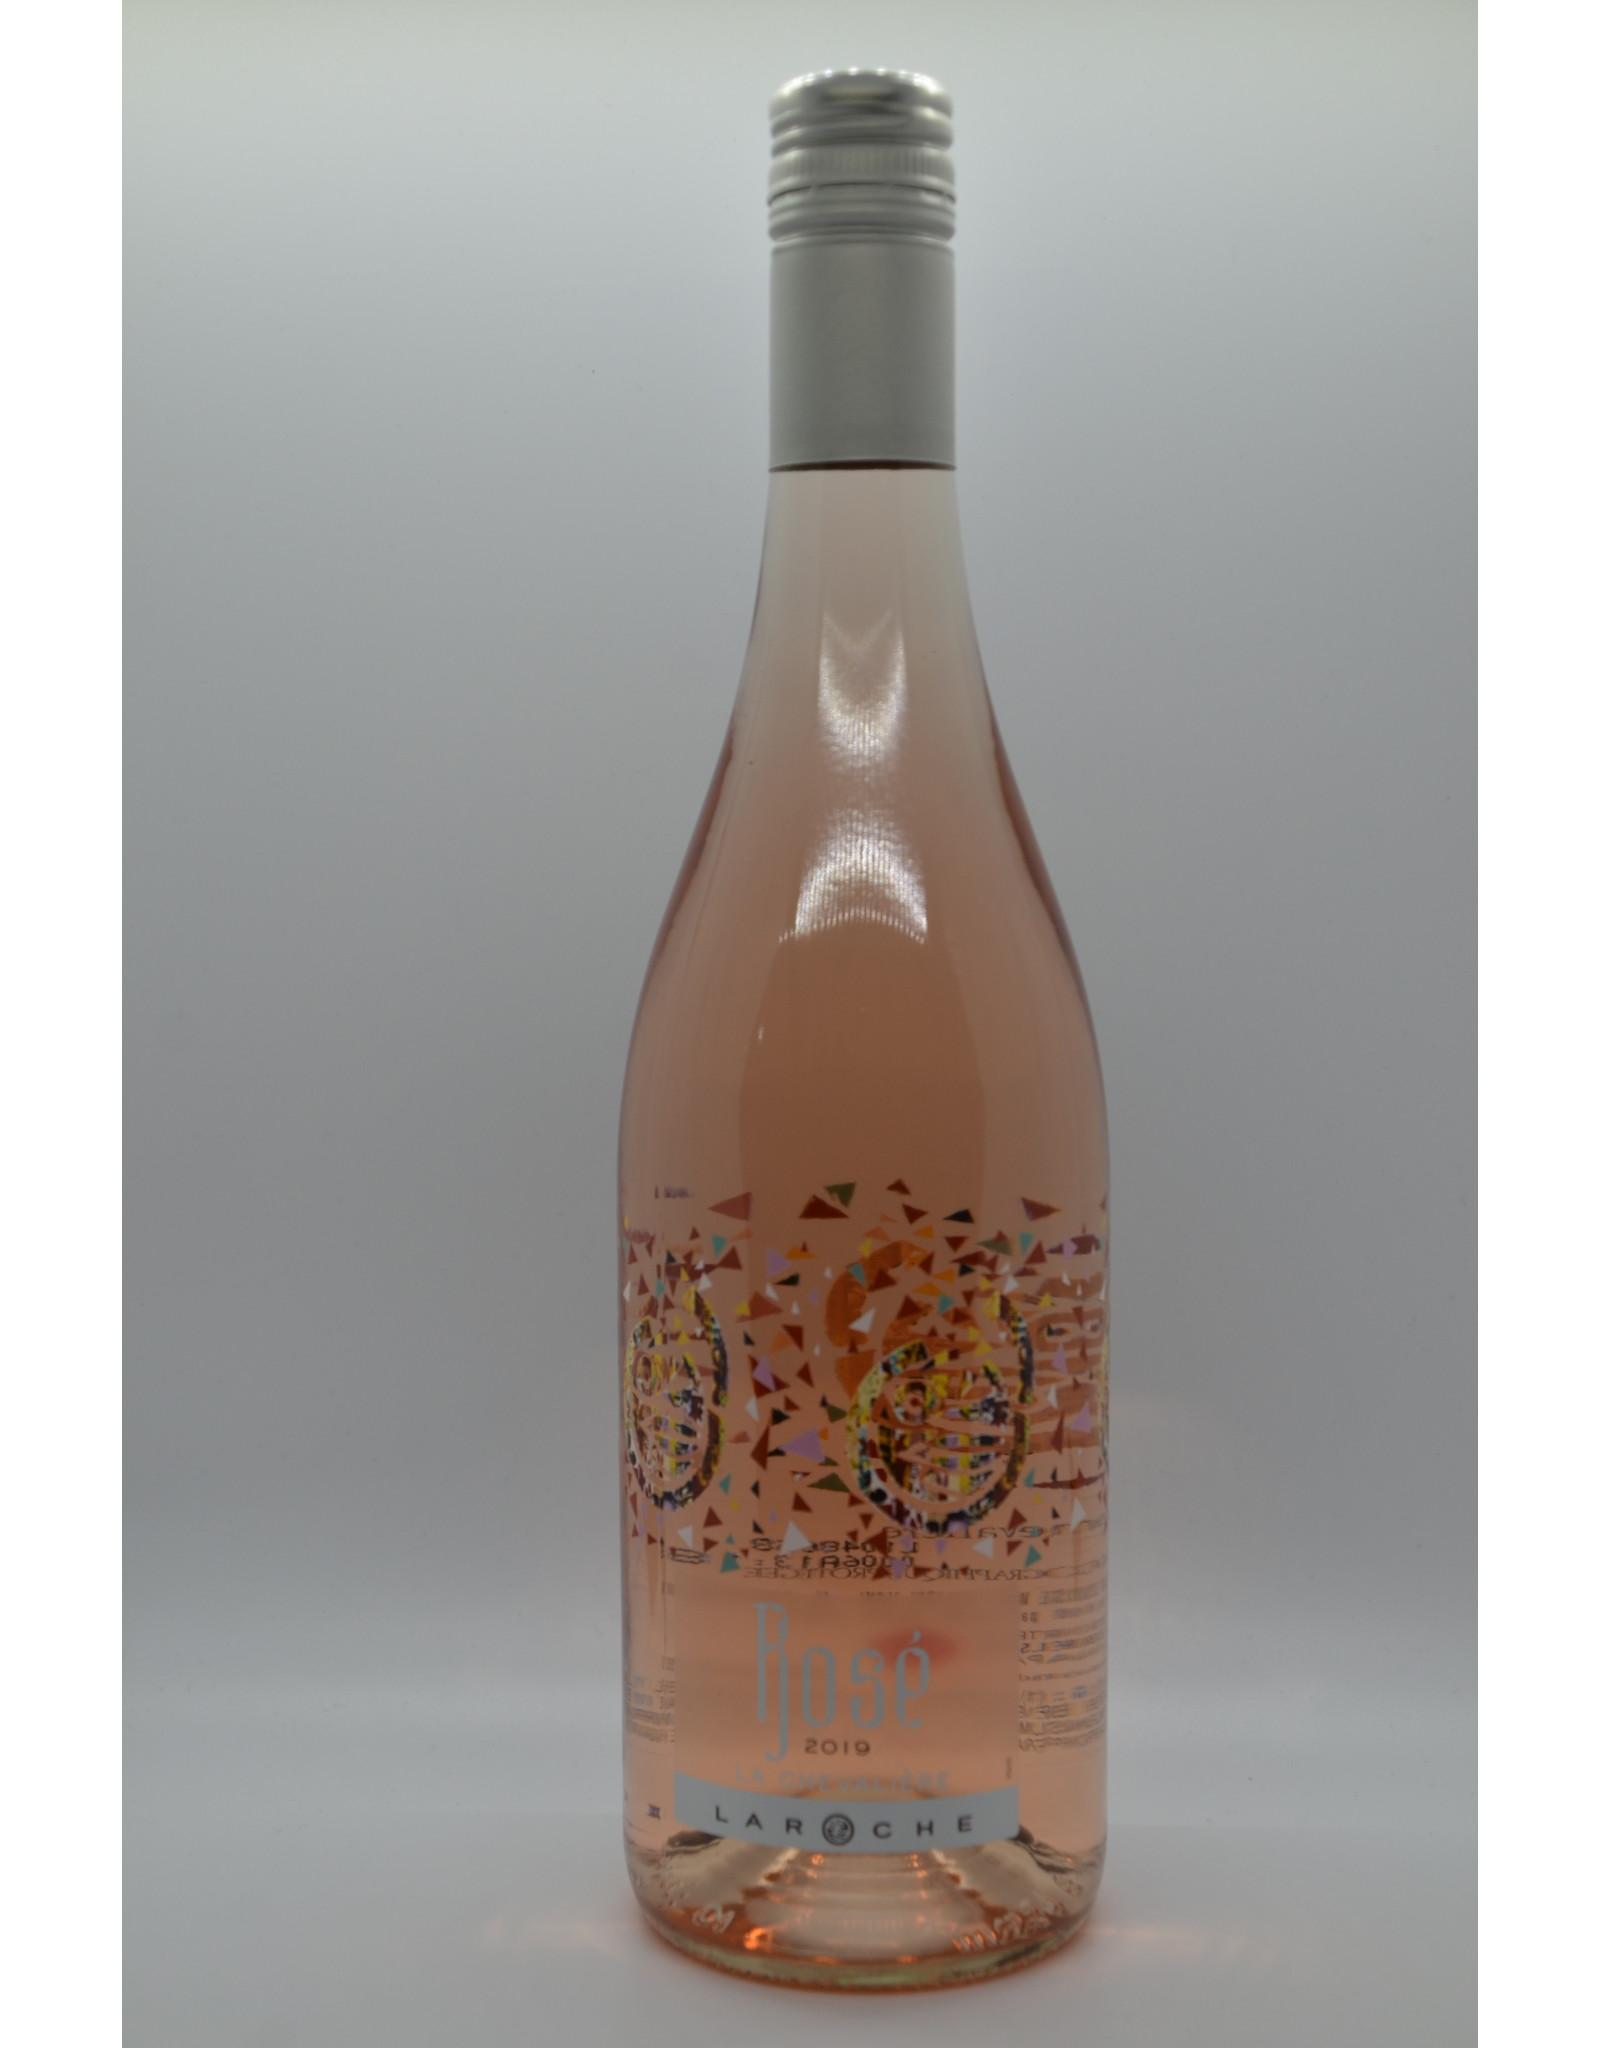 France La Chevaliere Laroche Rosé